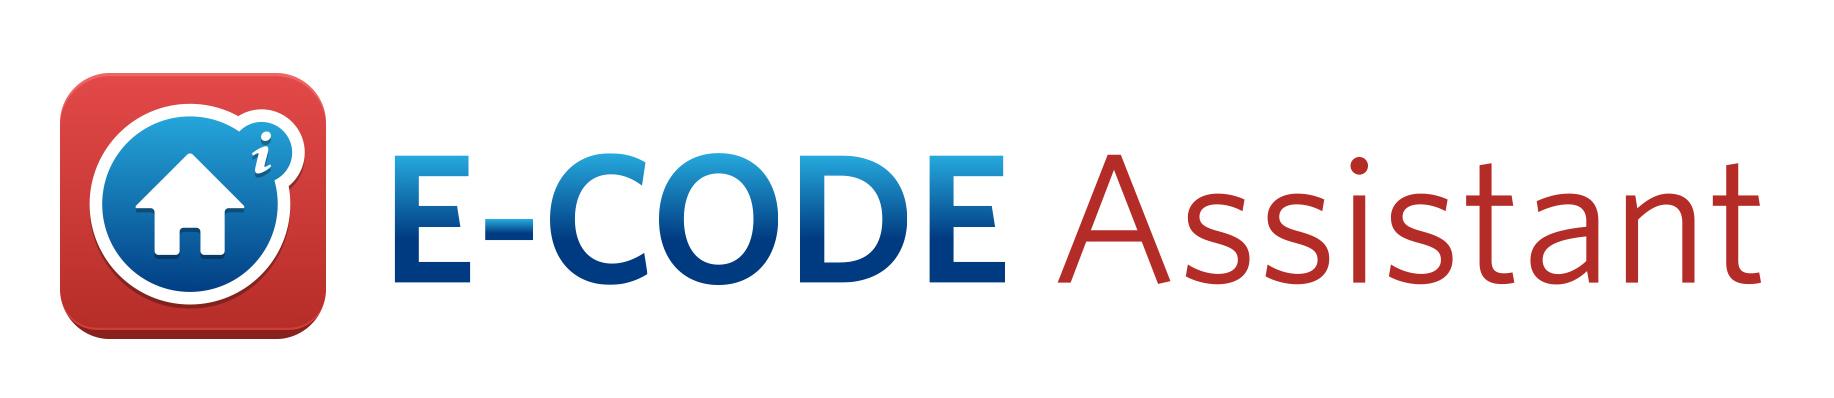 Penn E-Codes Assistant